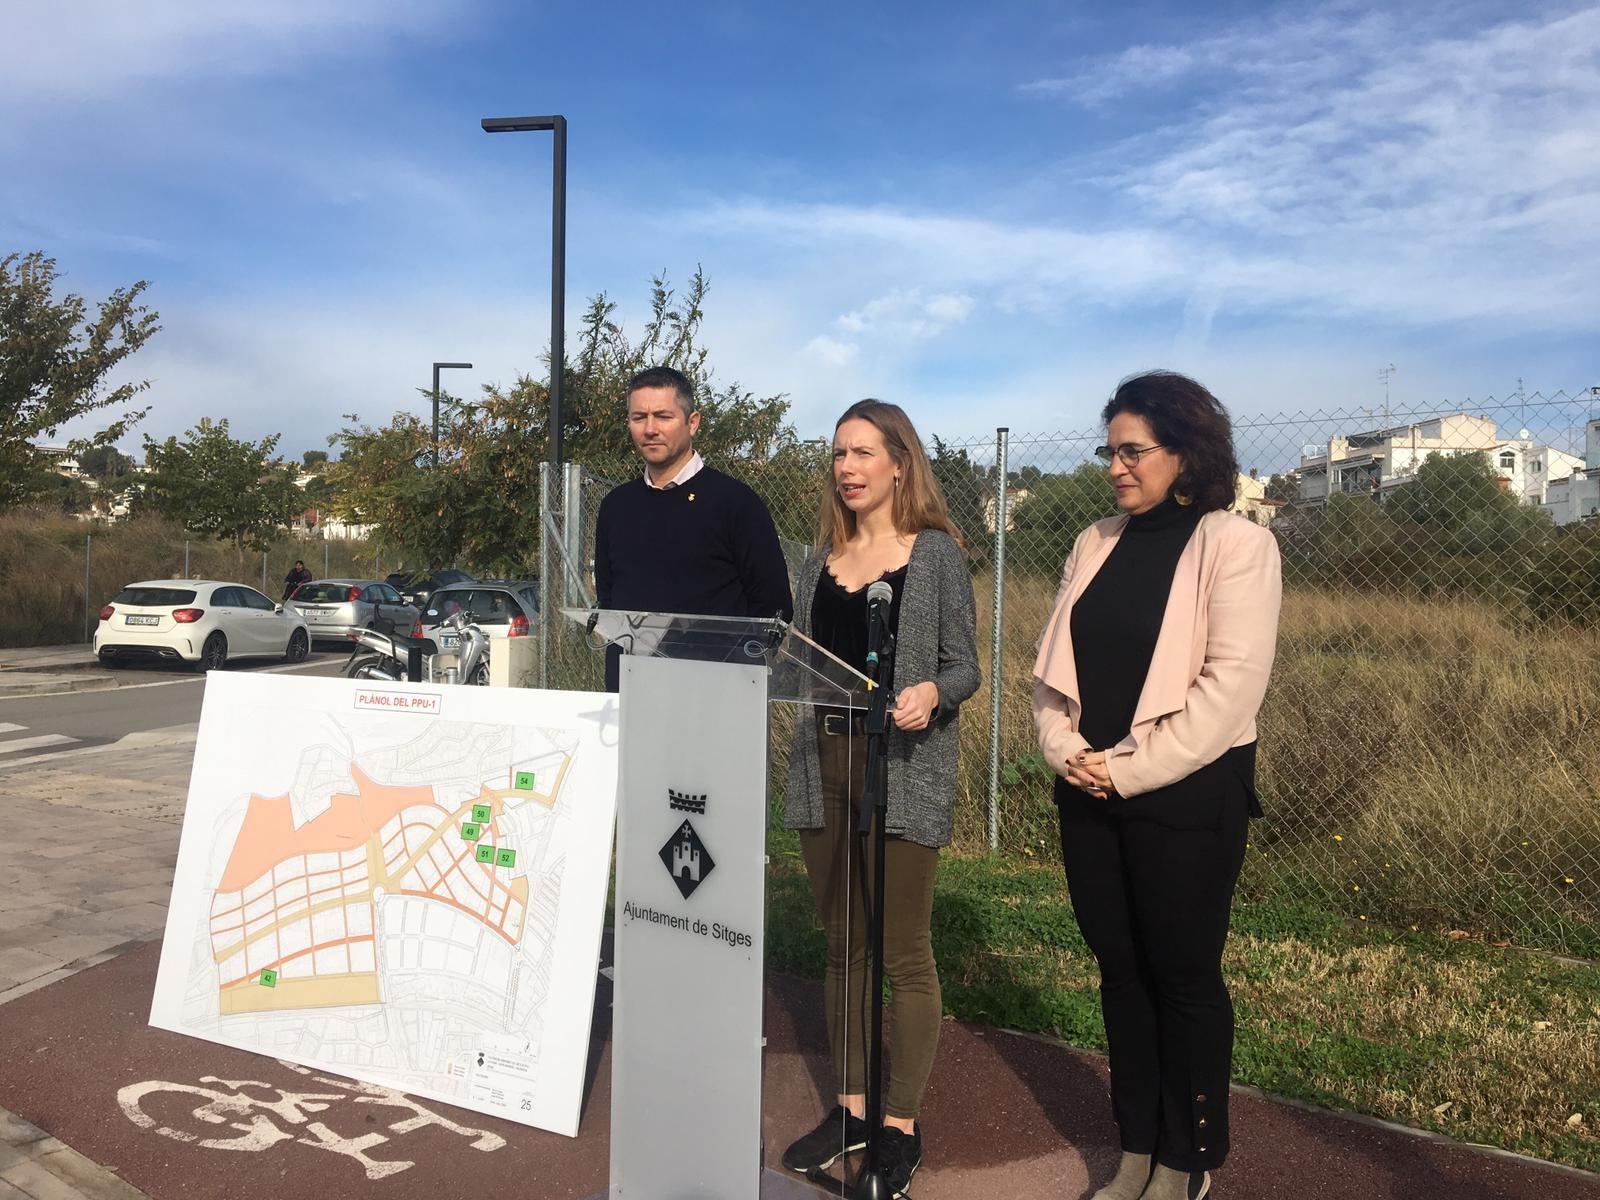 L'Ajuntament de Sitges construirà un total de fins a 175 pisos d'habitatge de protecció oficial públic i de lloguer